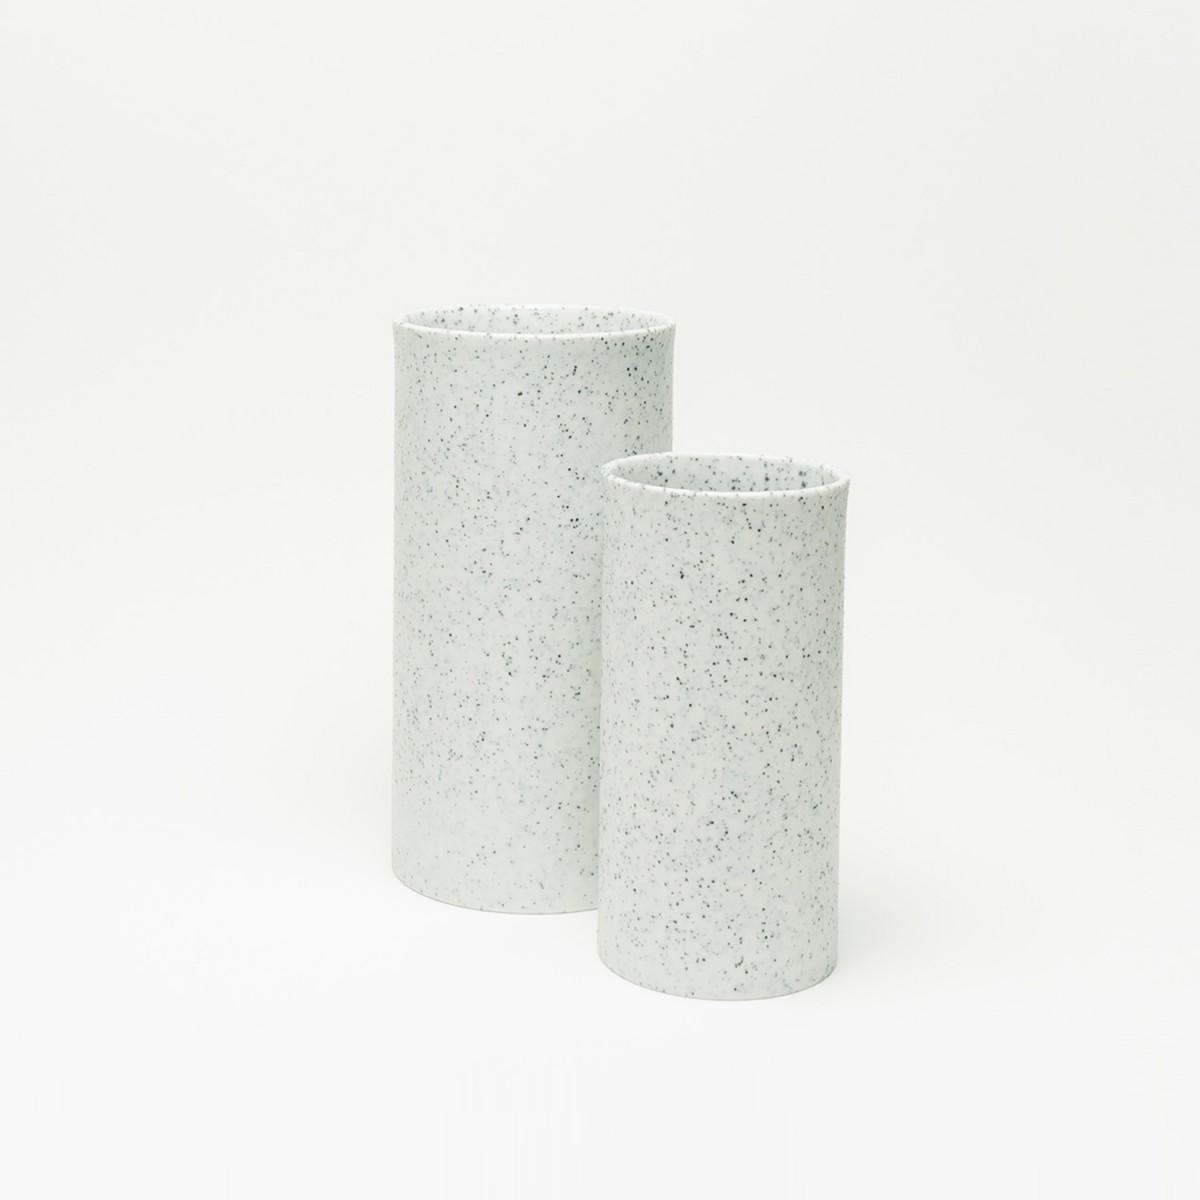 Rimma Tchilingarian – The Tactile  Vase – Handgemachtes Porzellan, weiß – mit schwarzen Glausurpunkten